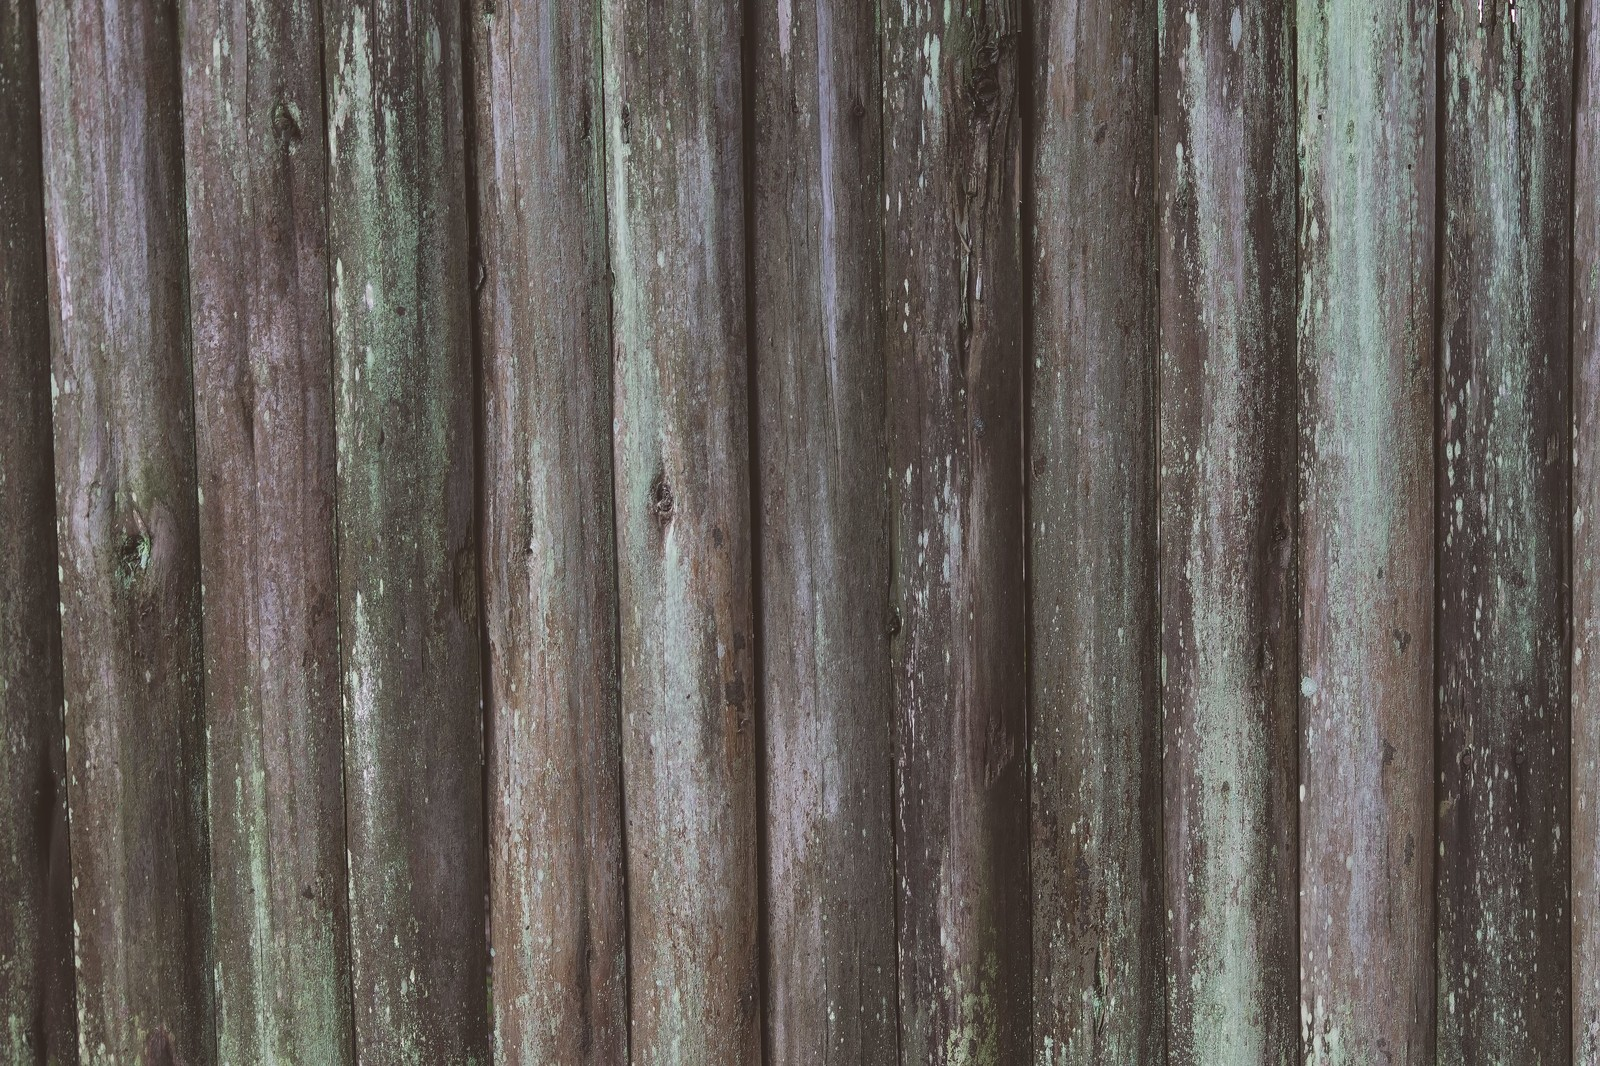 「コケの生えた板(テクスチャー)」の写真